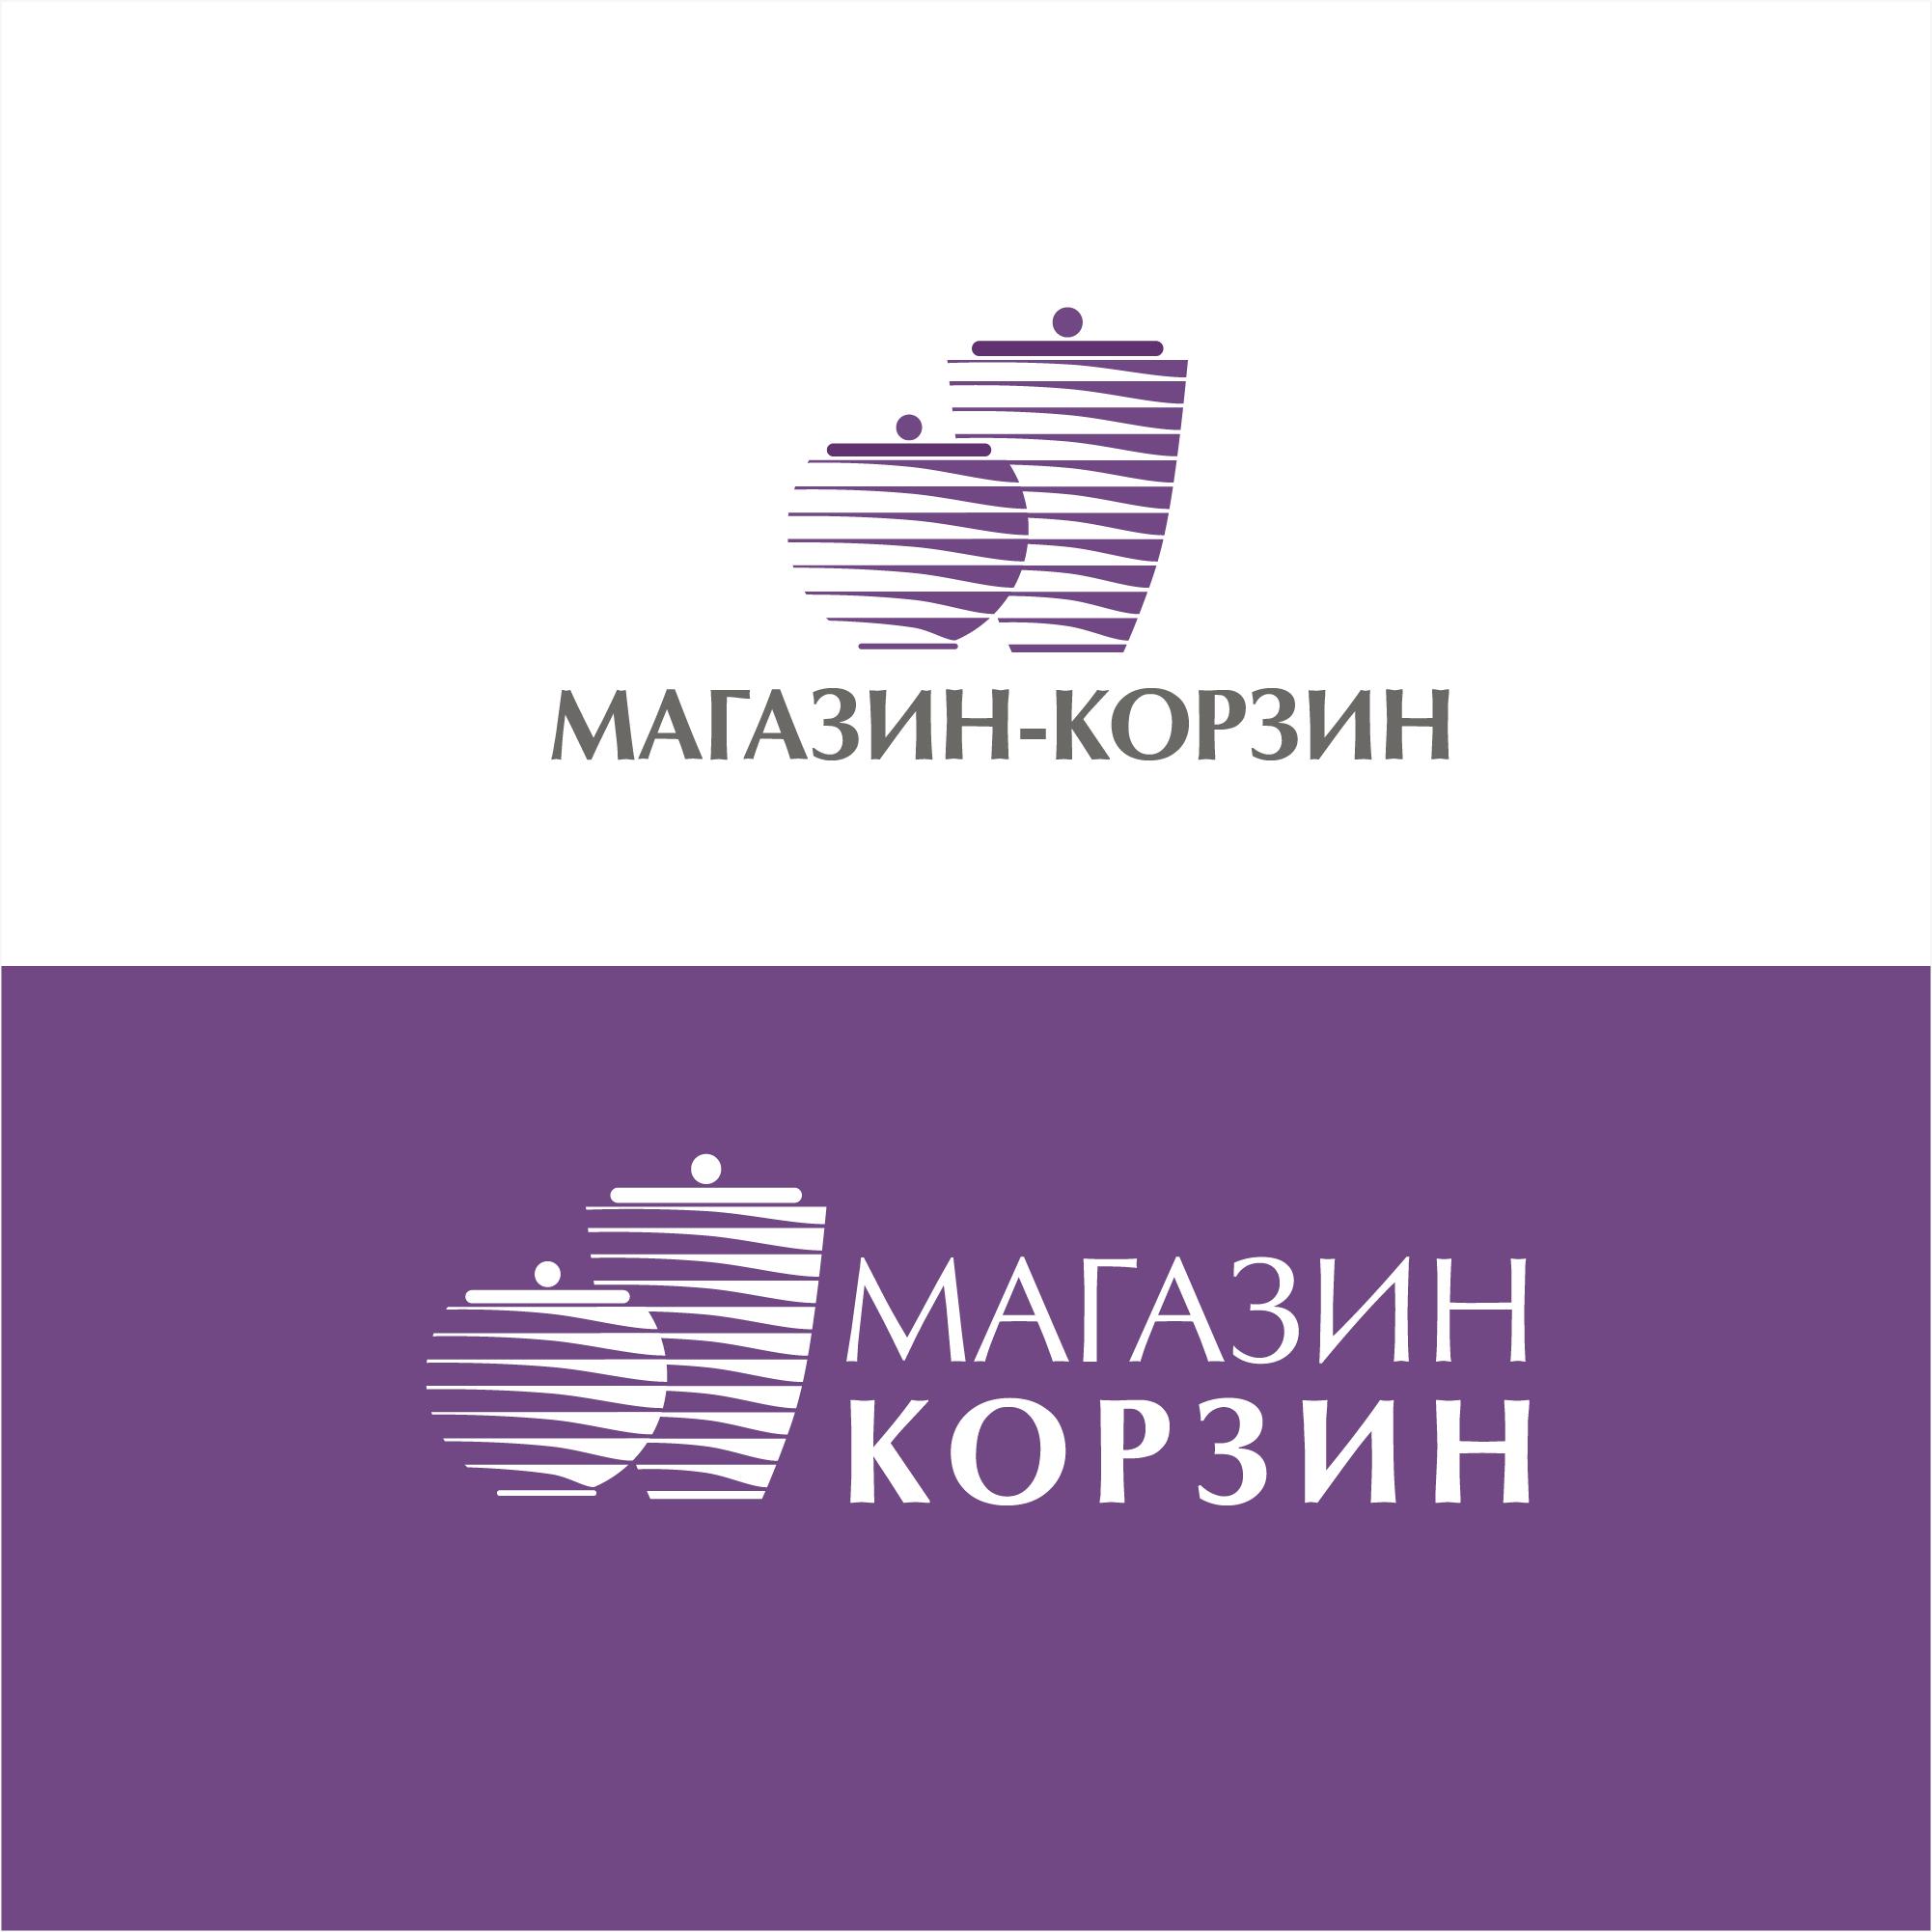 МАГАЗИН-КОРЗИН